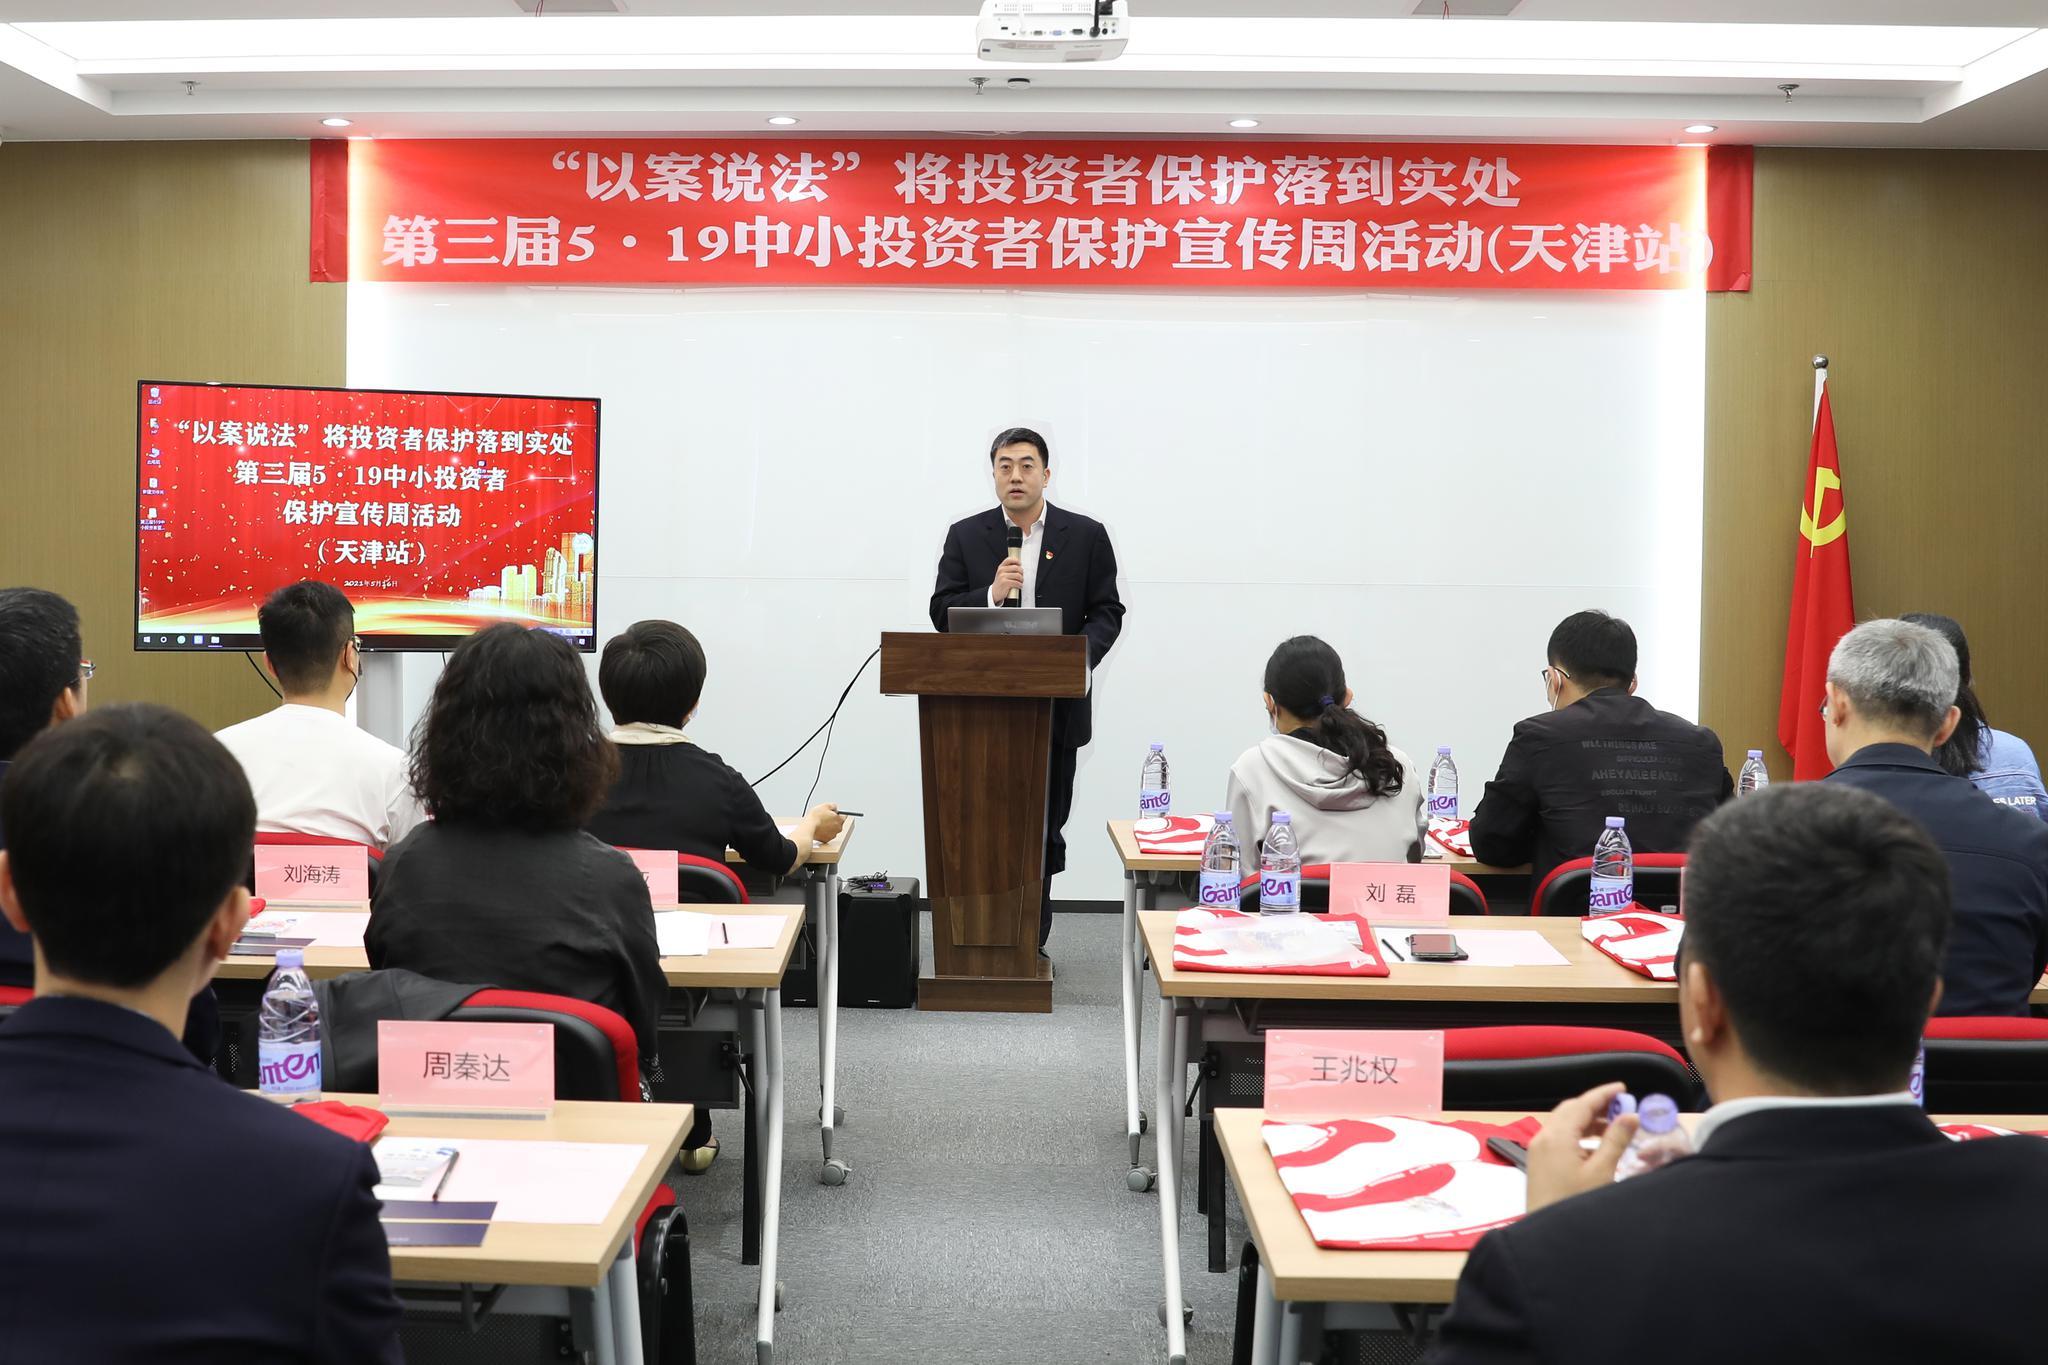 渤海证券财富管理总部总经理王兆权:投资者保护是一项重要系统性工程